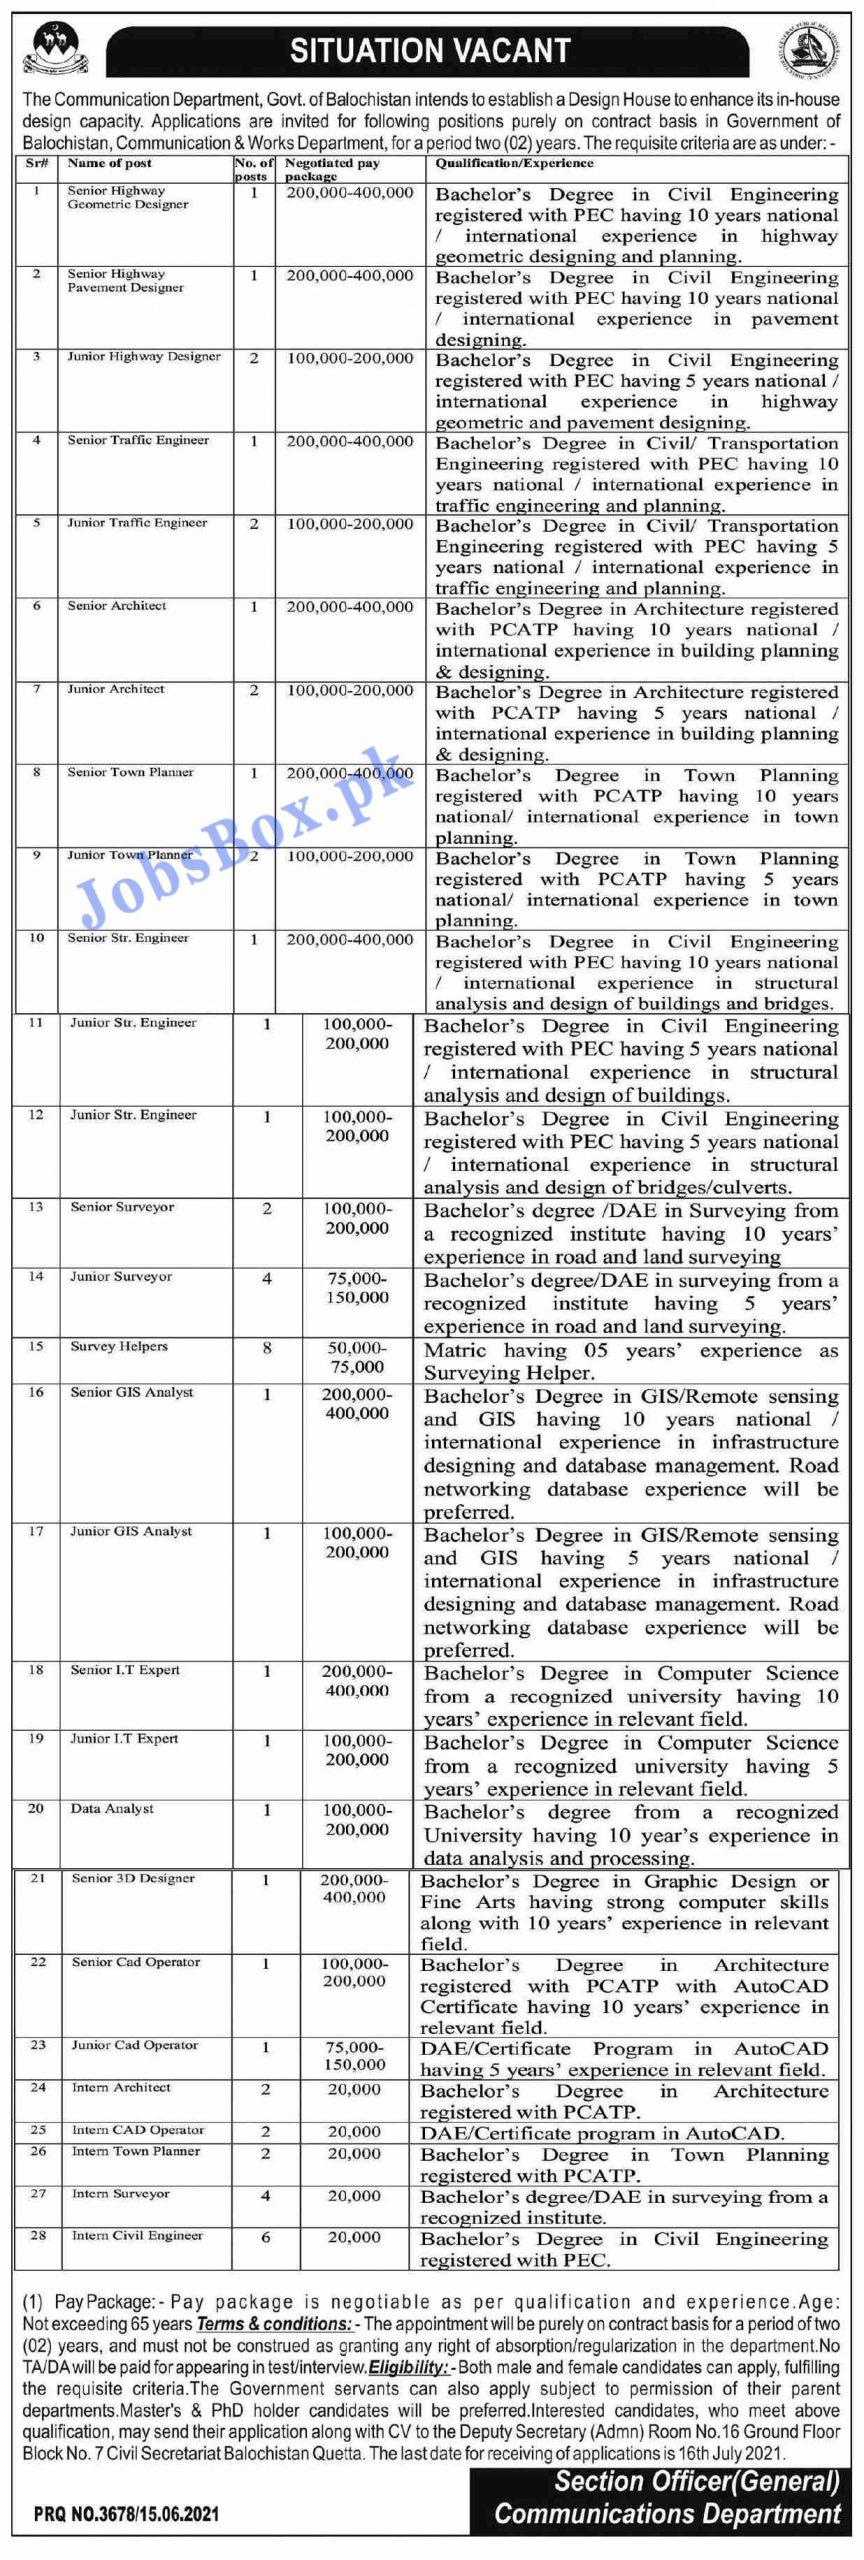 Communication Department Balochistan Jobs 2021 Latest Vacancies - Latest Government Jobs in Communication Department Balochistan 2021